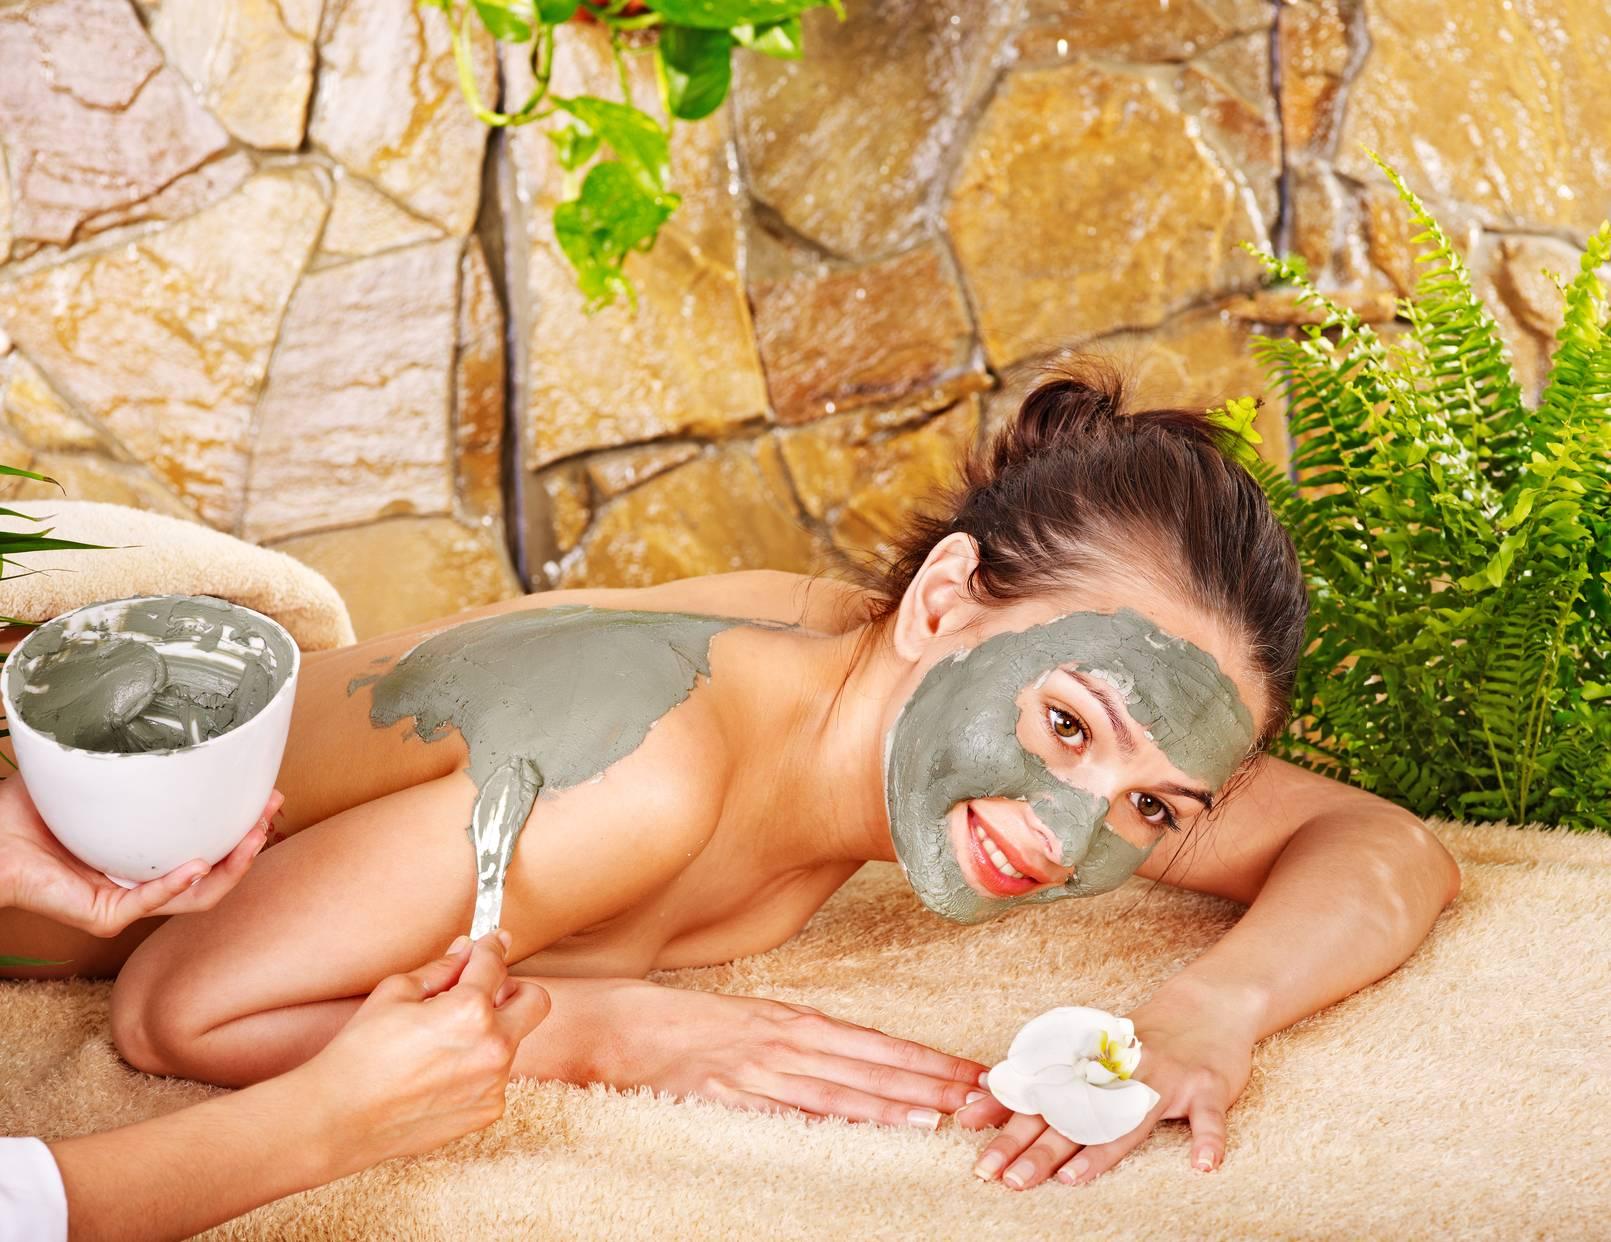 Маски для бани: подборка лучших рецептов масок для лица, тела и волос + правила нанесения